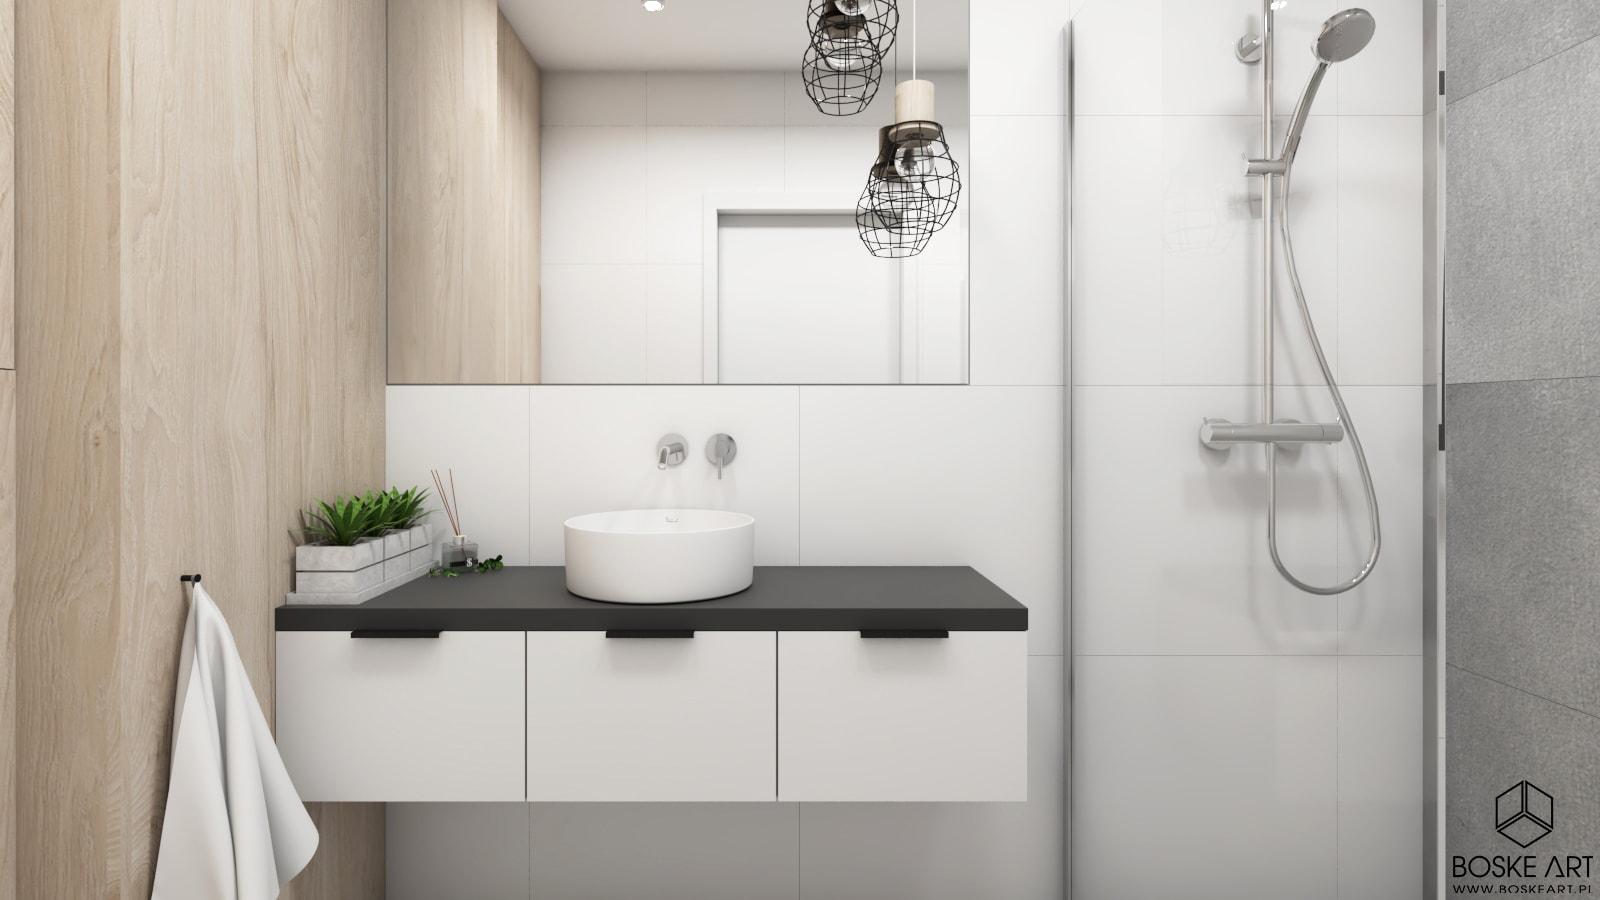 11_mieszkanie_gniezno_boske_art_projektowanie wnetrz_architektura_natalia_robaszkiewicz-min